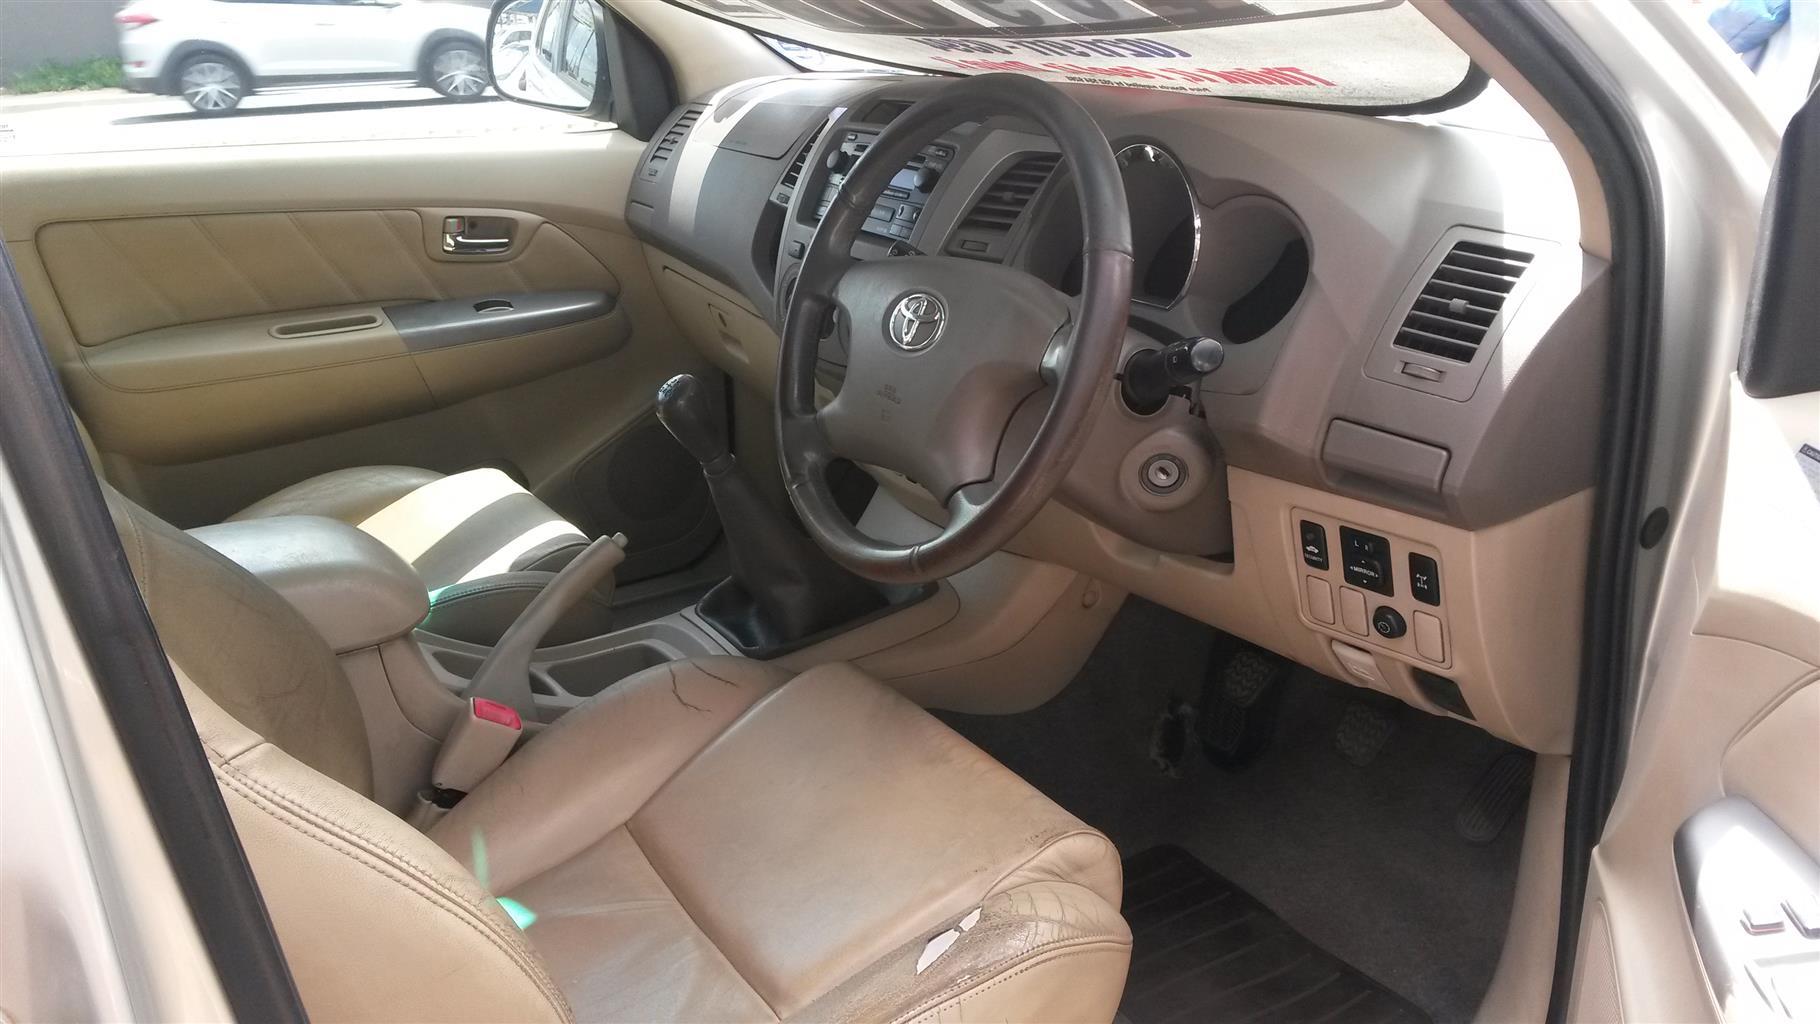 2008 Toyota Fortuner 4.0 V6